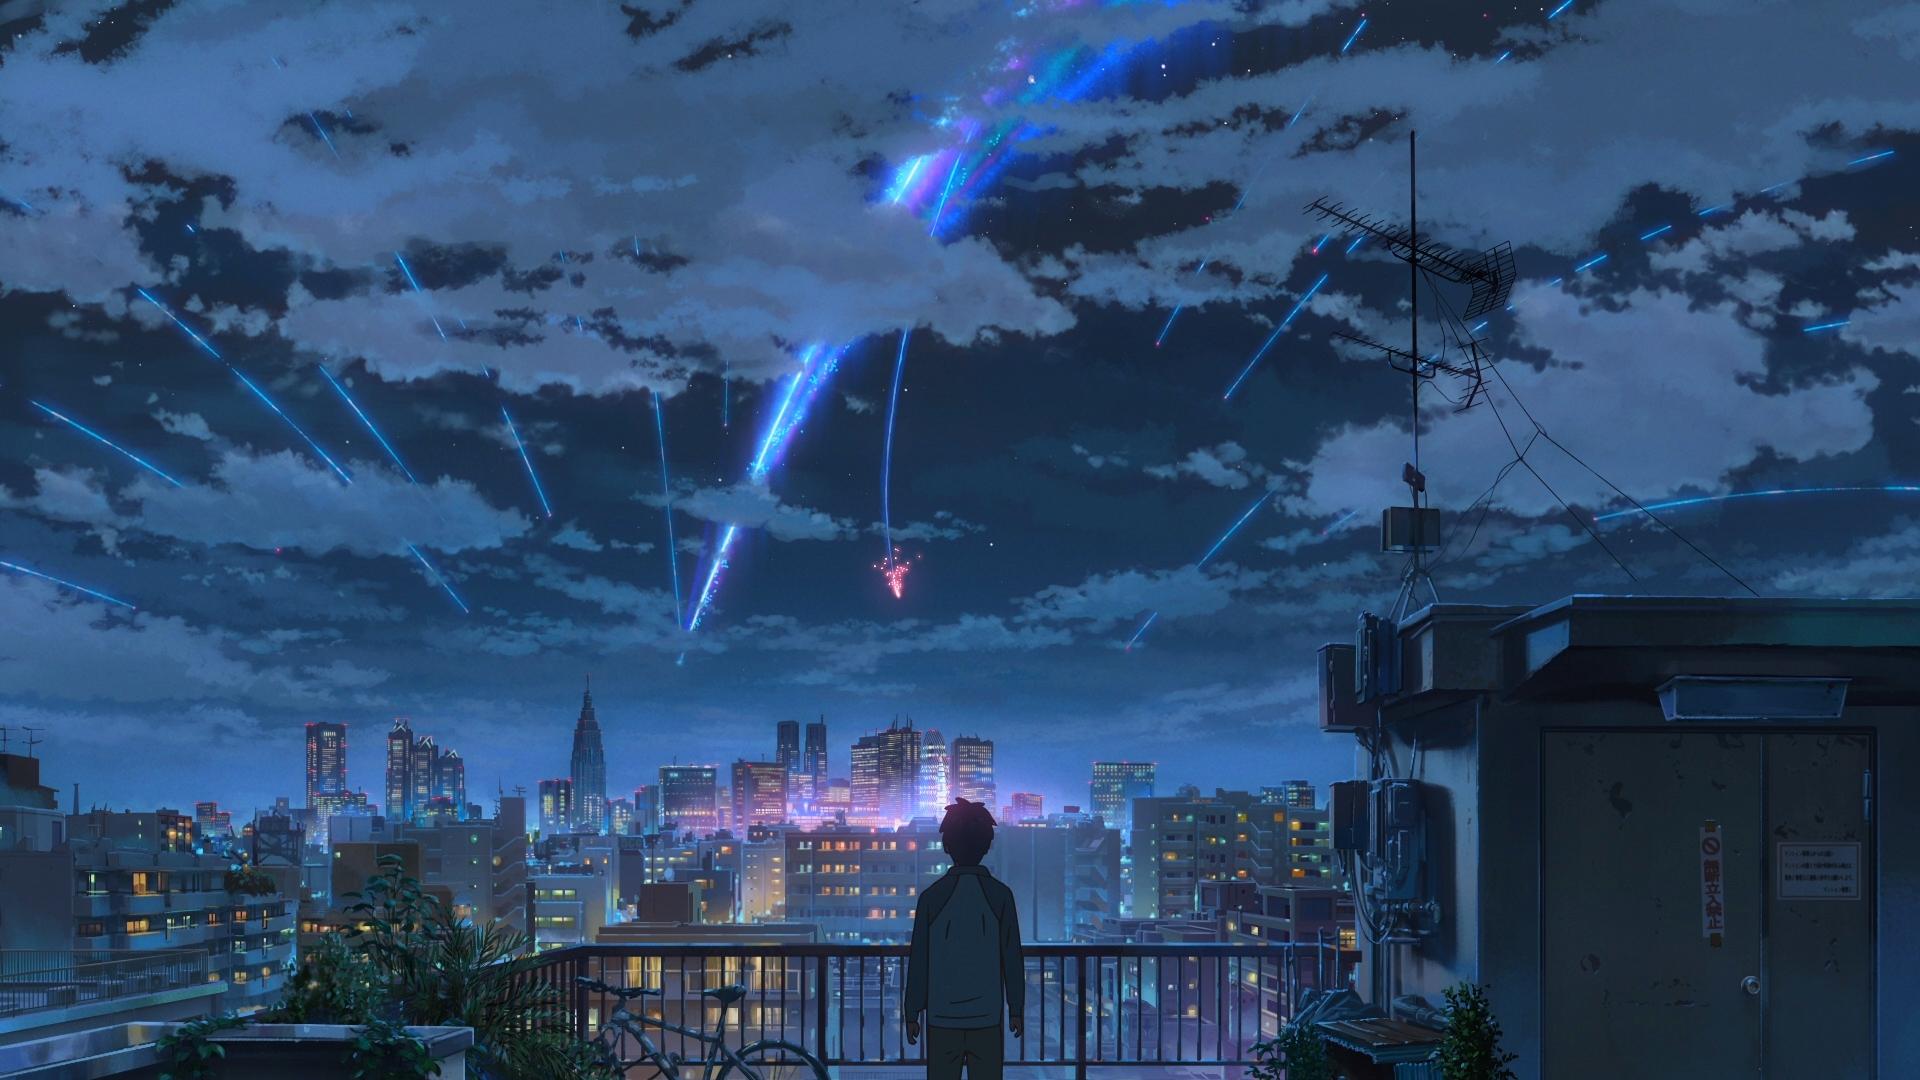 Wallpaper Kimi No Na Wa Makoto Shinkai Starry Night